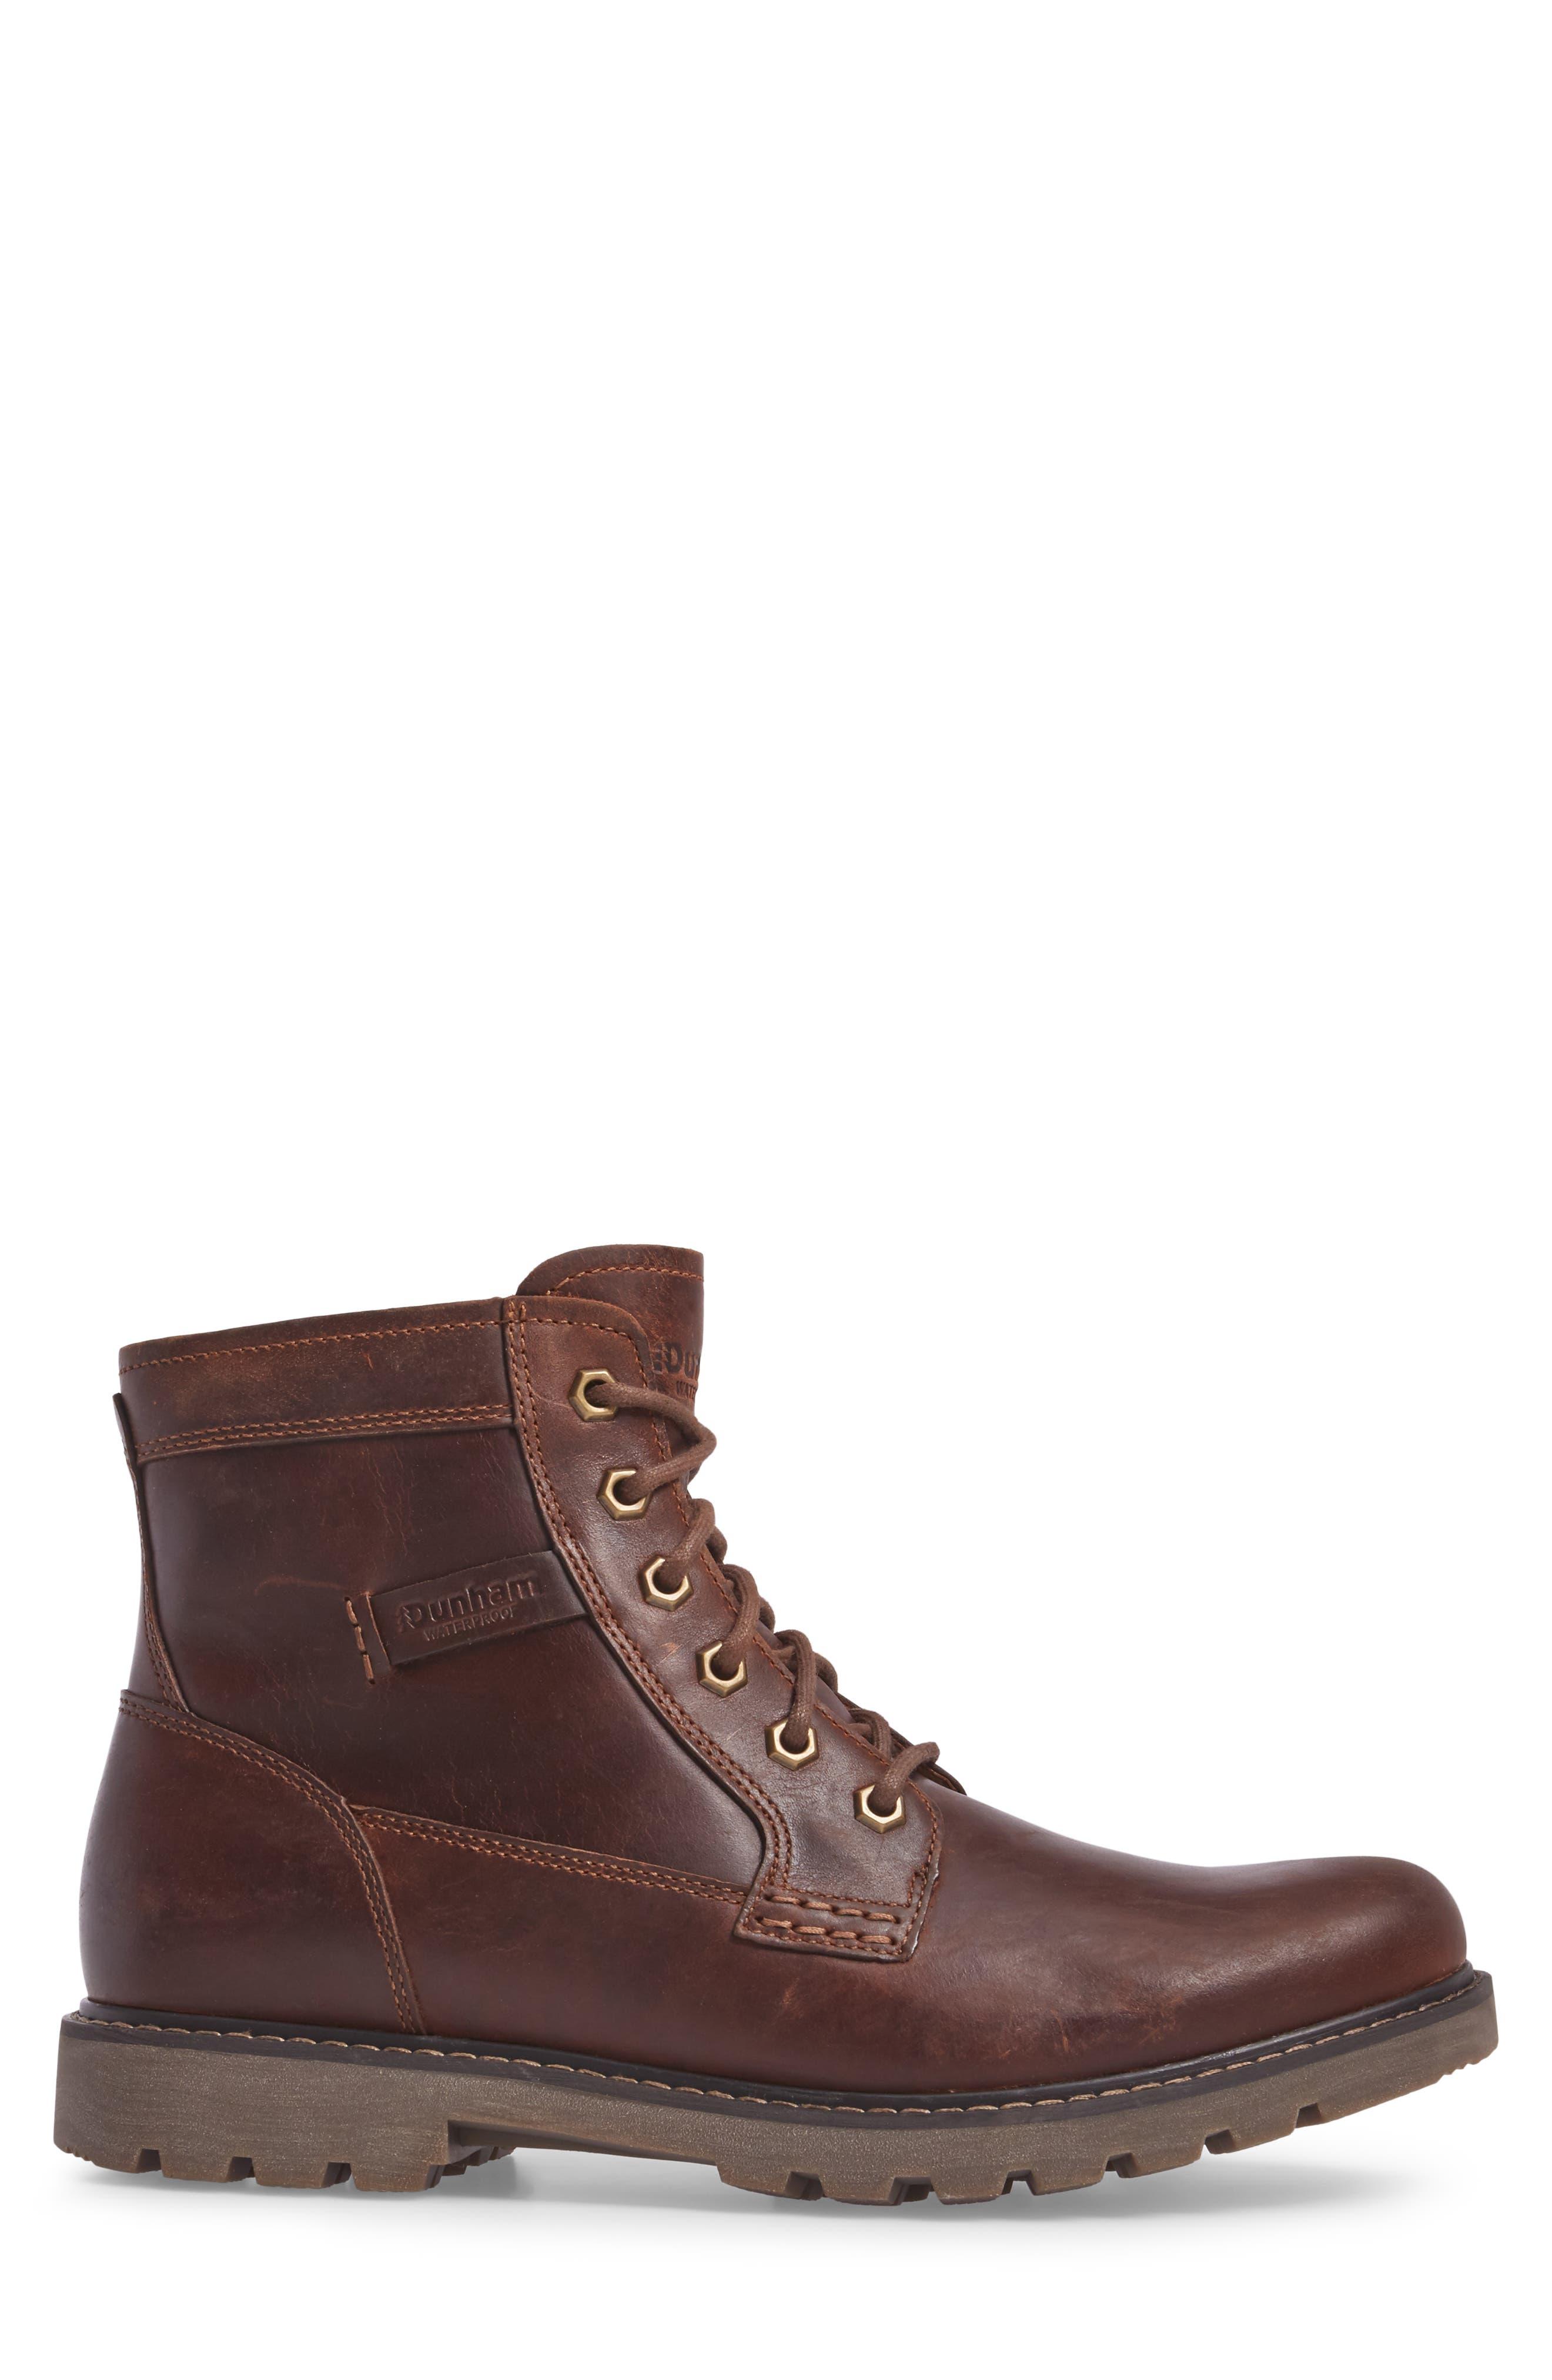 Royalton Plain Toe Boot,                             Alternate thumbnail 3, color,                             BROWN